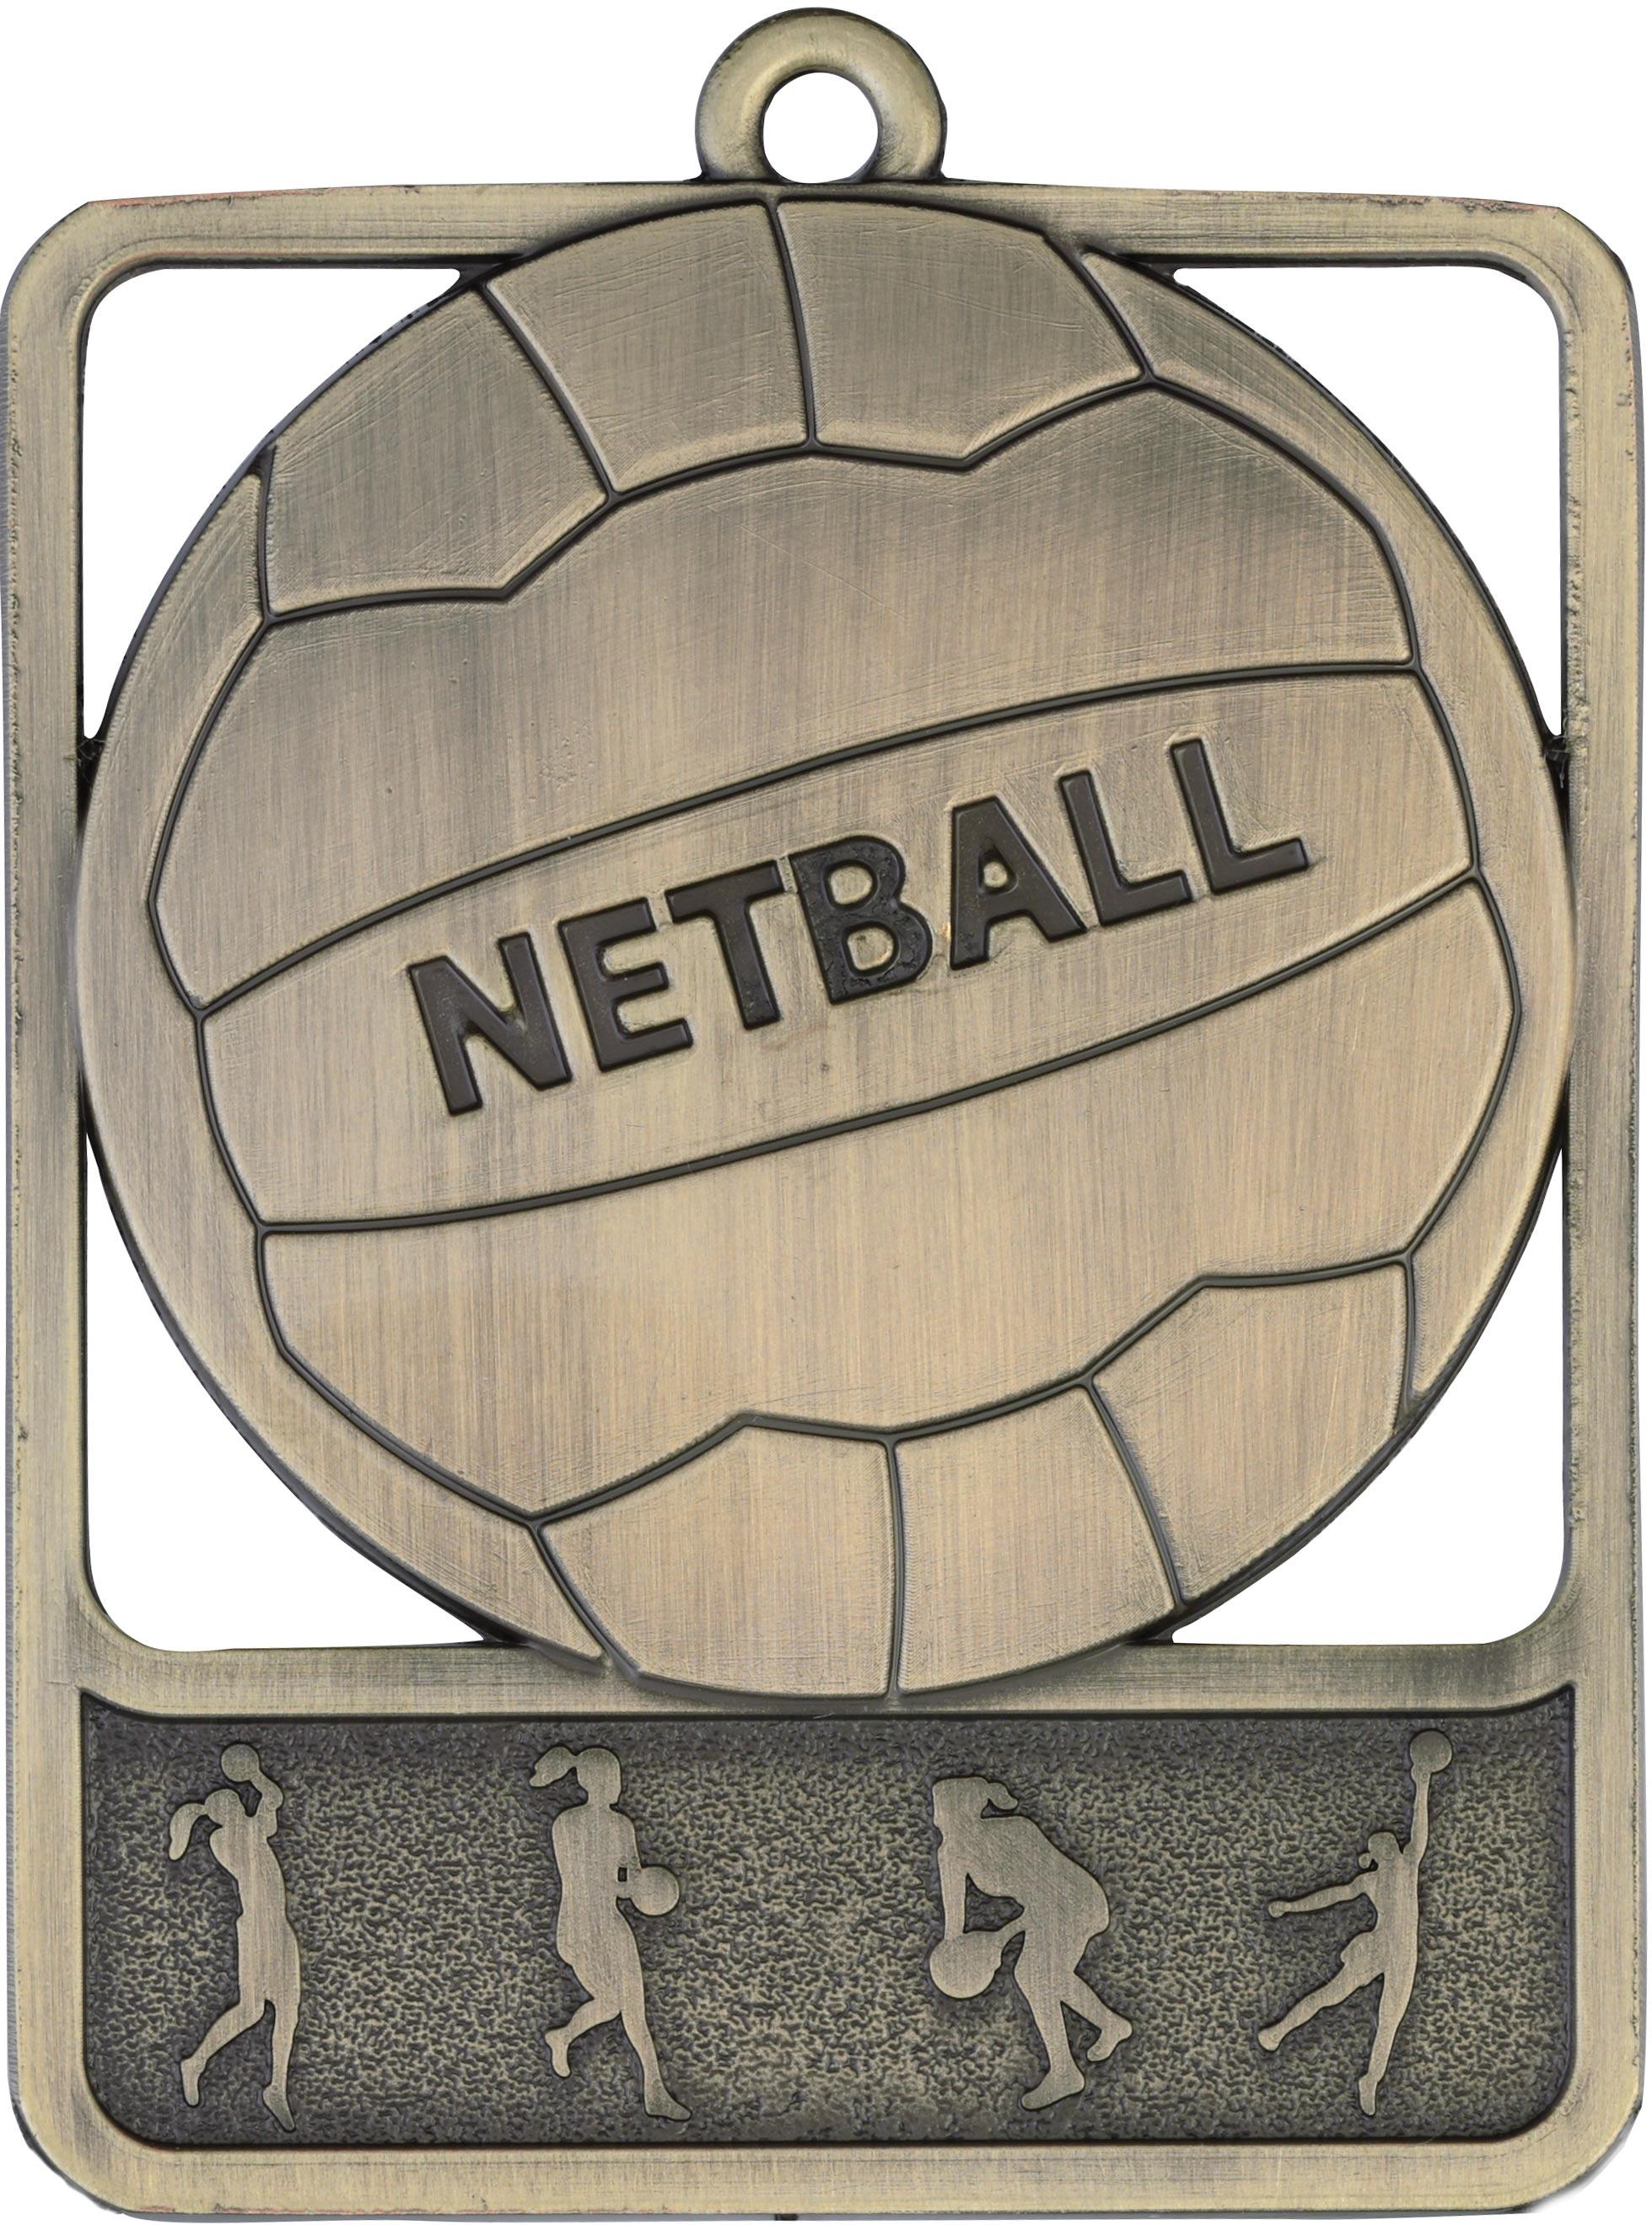 Netball Medal MR911G 61mm